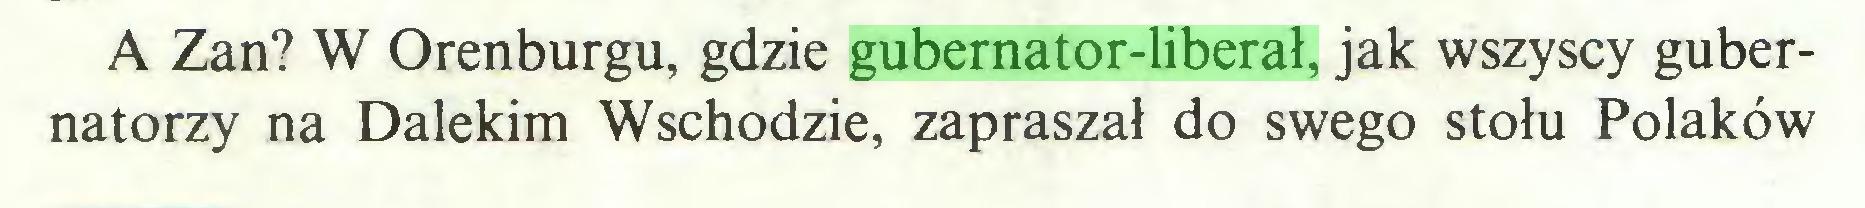 (...) A Zan? W Orenburgu, gdzie gubernator-liberał, jak wszyscy gubernatorzy na Dalekim Wschodzie, zapraszał do swego stołu Polaków...